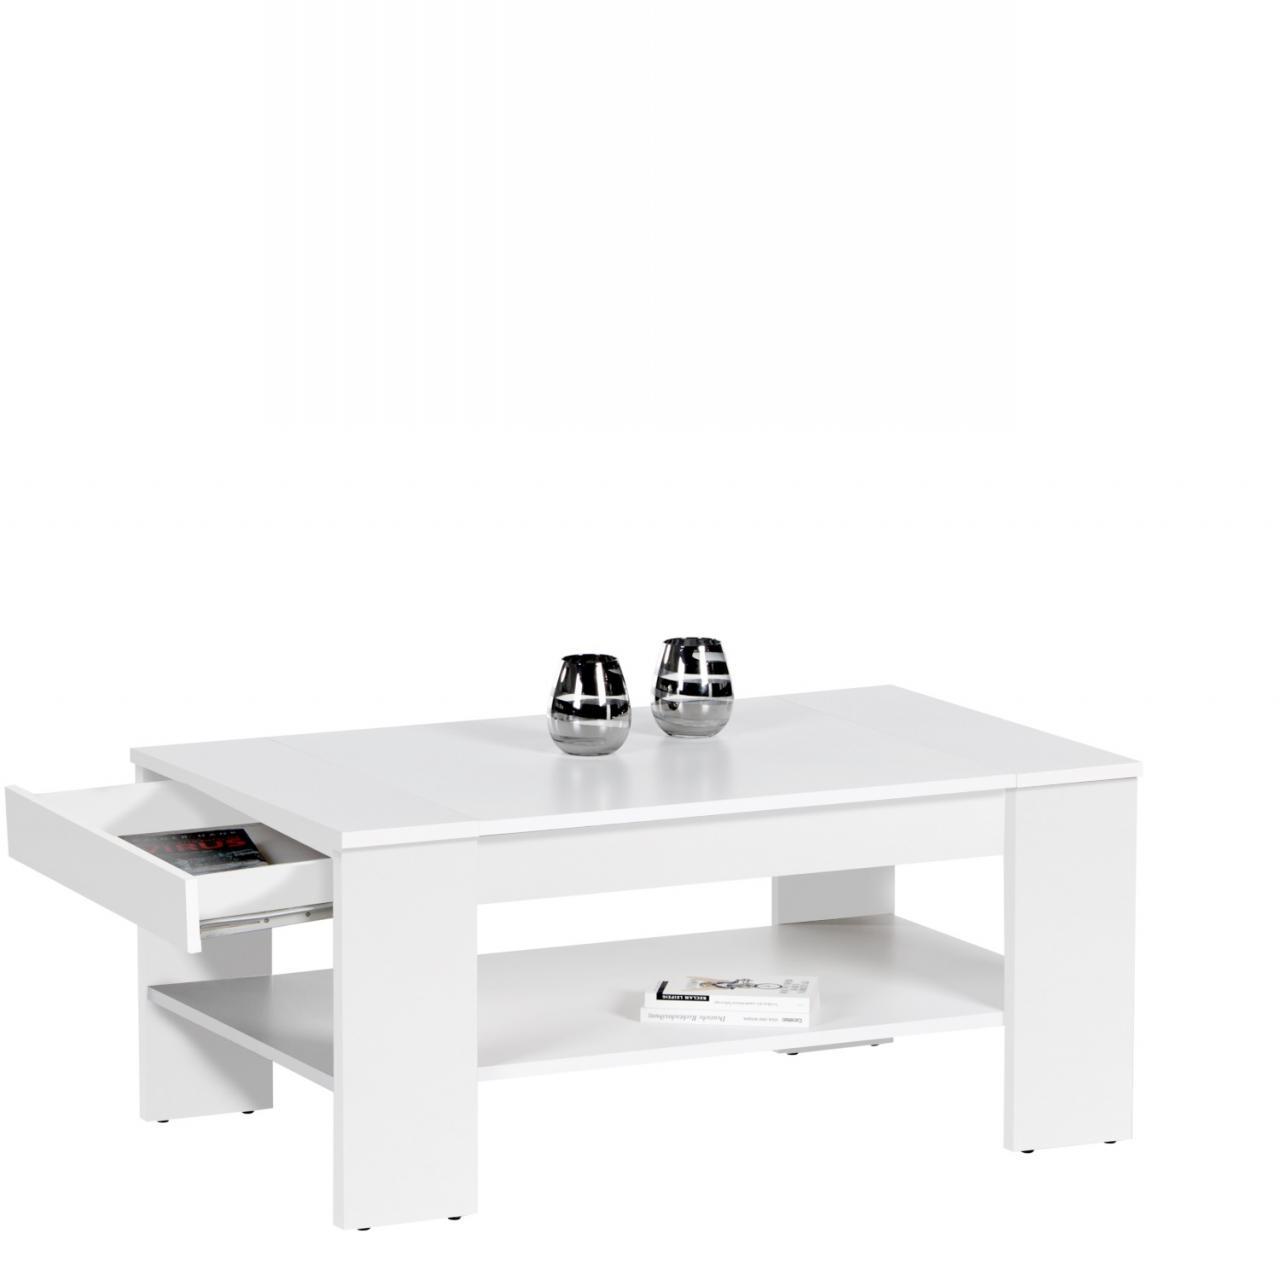 Couchtisch Finley Plus weiß mit Schubkasten Wohnzimmertisch Stubentisch Tisch